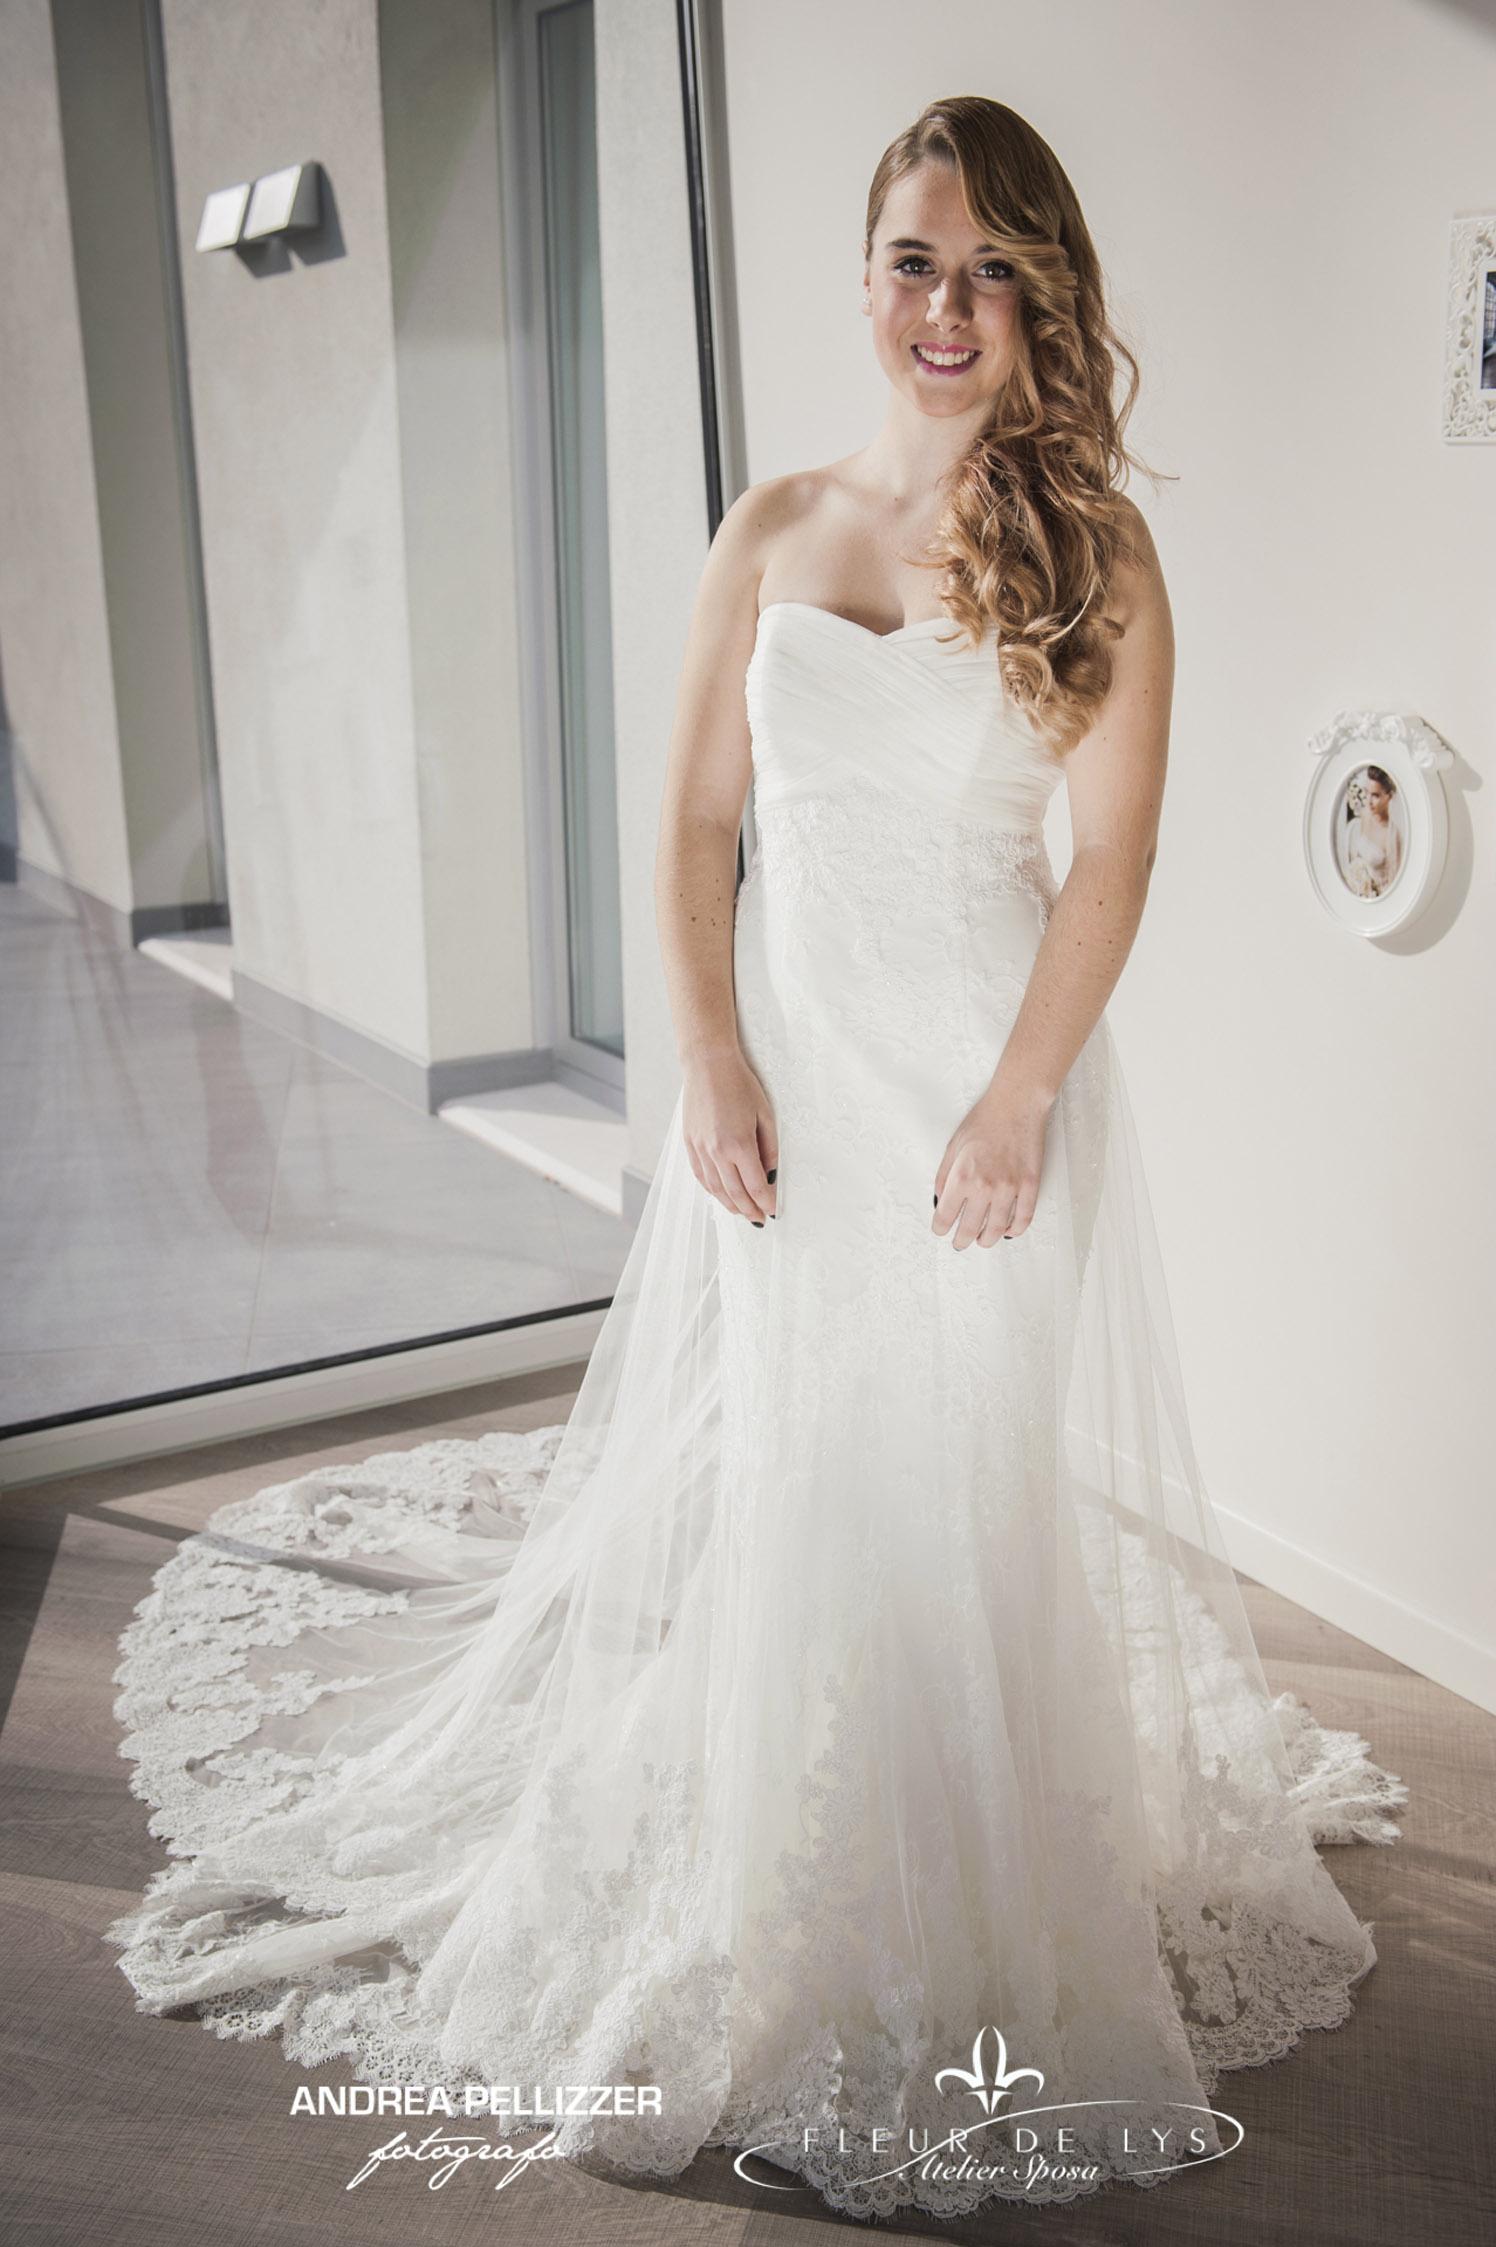 60-Negozio-Abiti-da-Sposa-Matrimonio-da-Principessa-Treviso